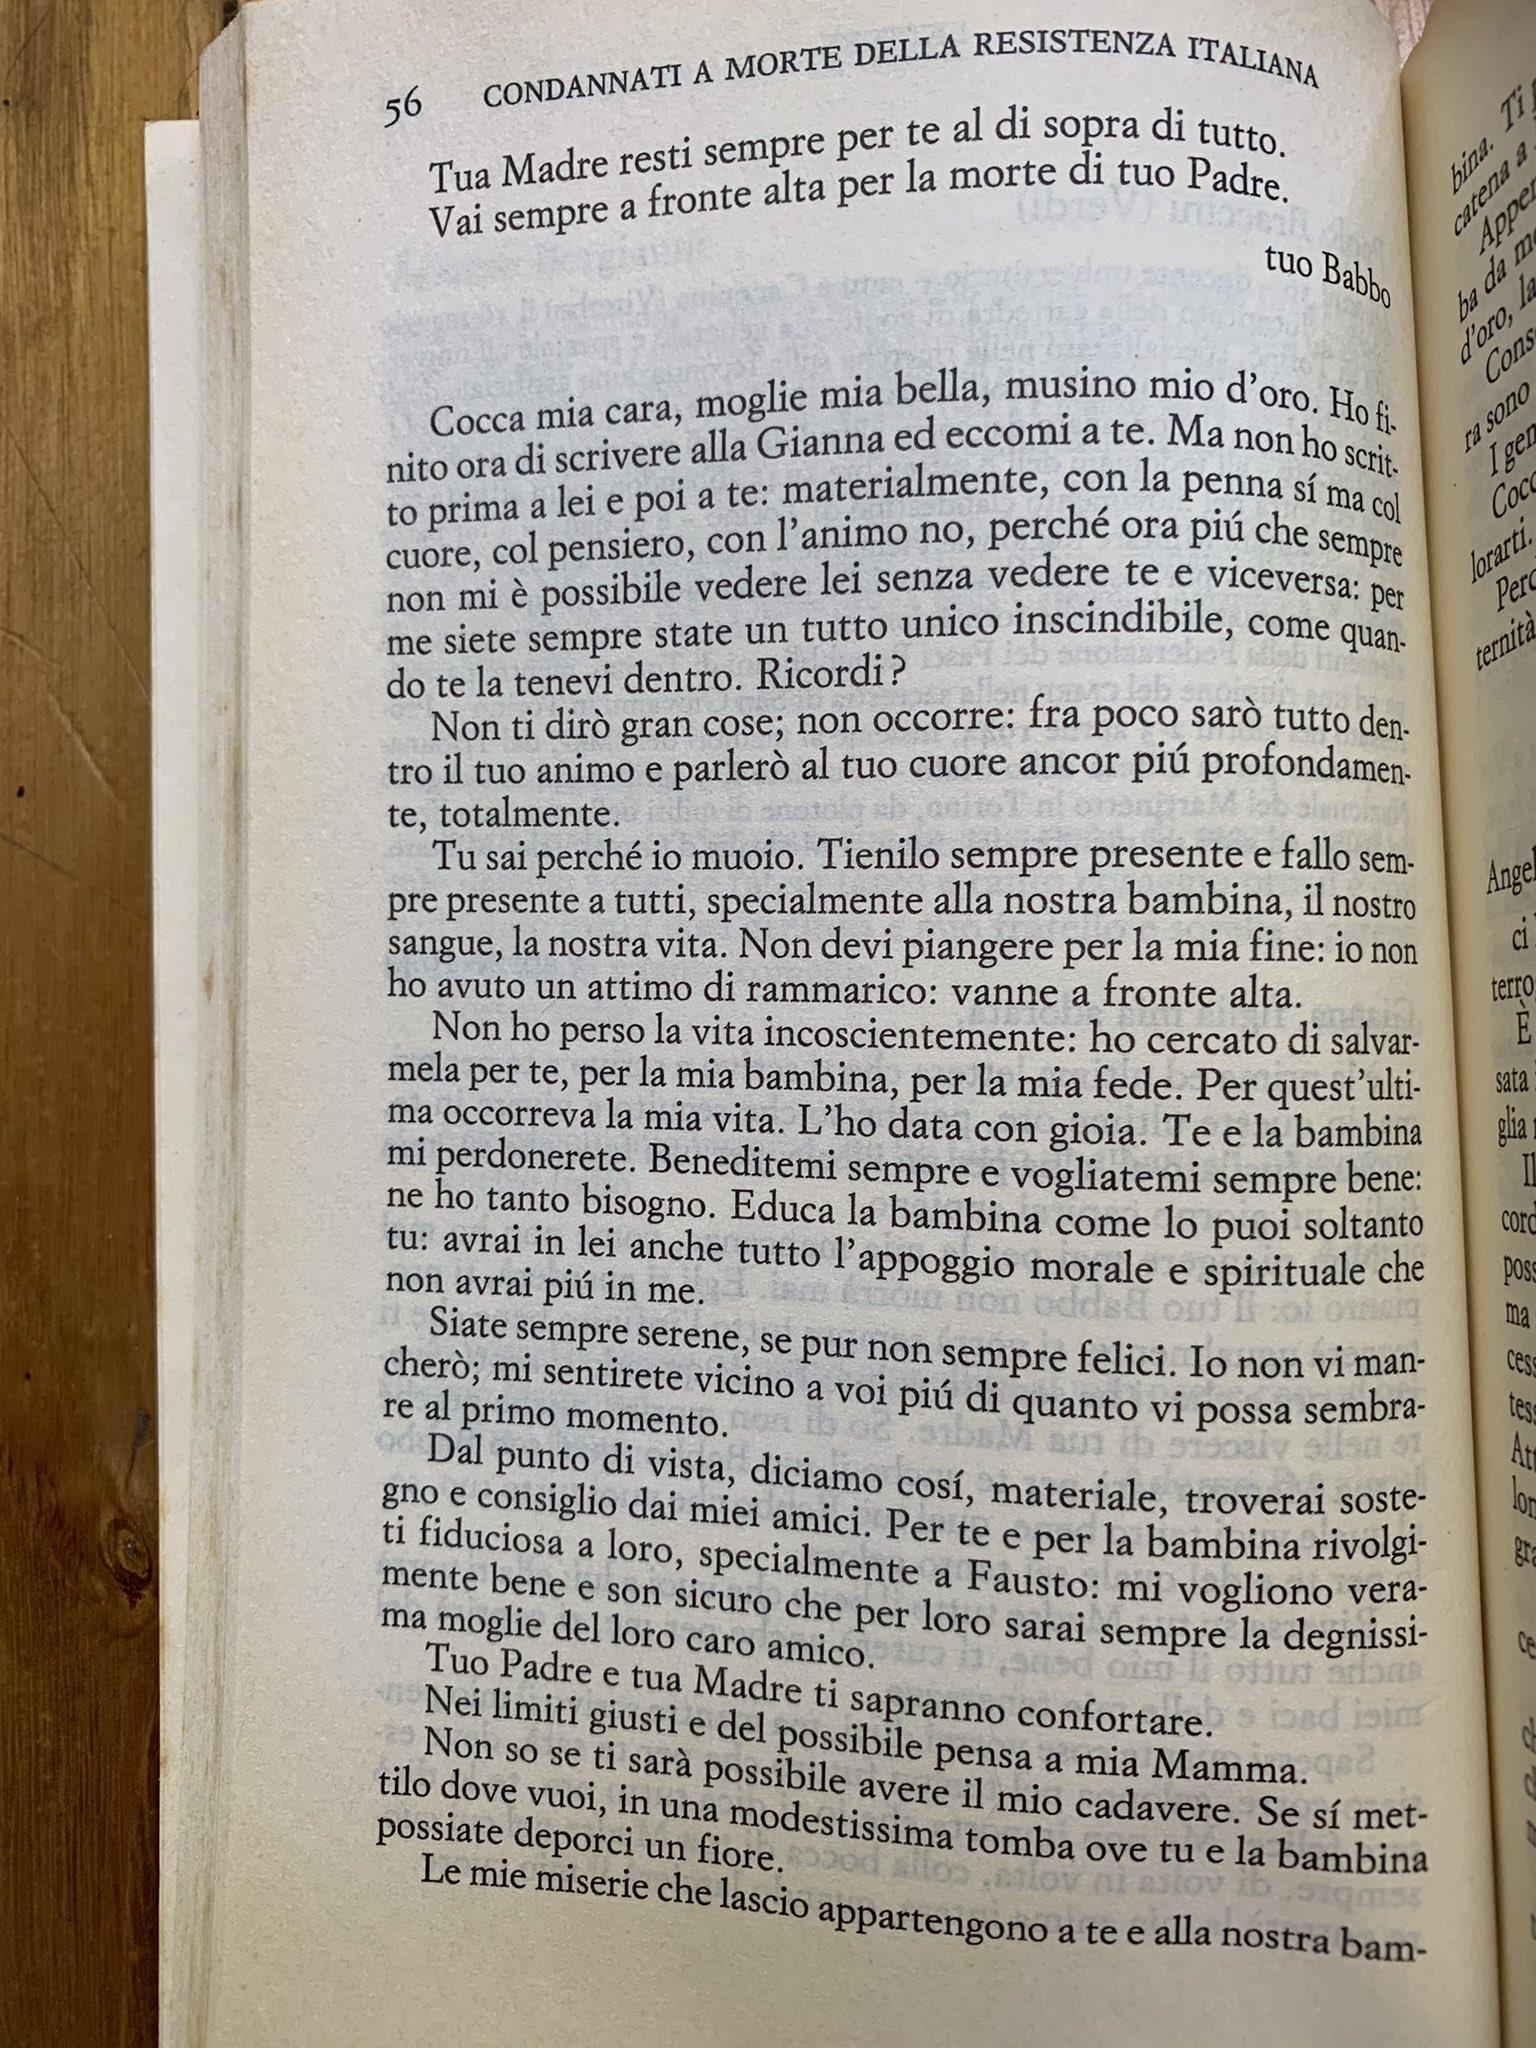 Lettere di condannati a morte della Resistenza italiana